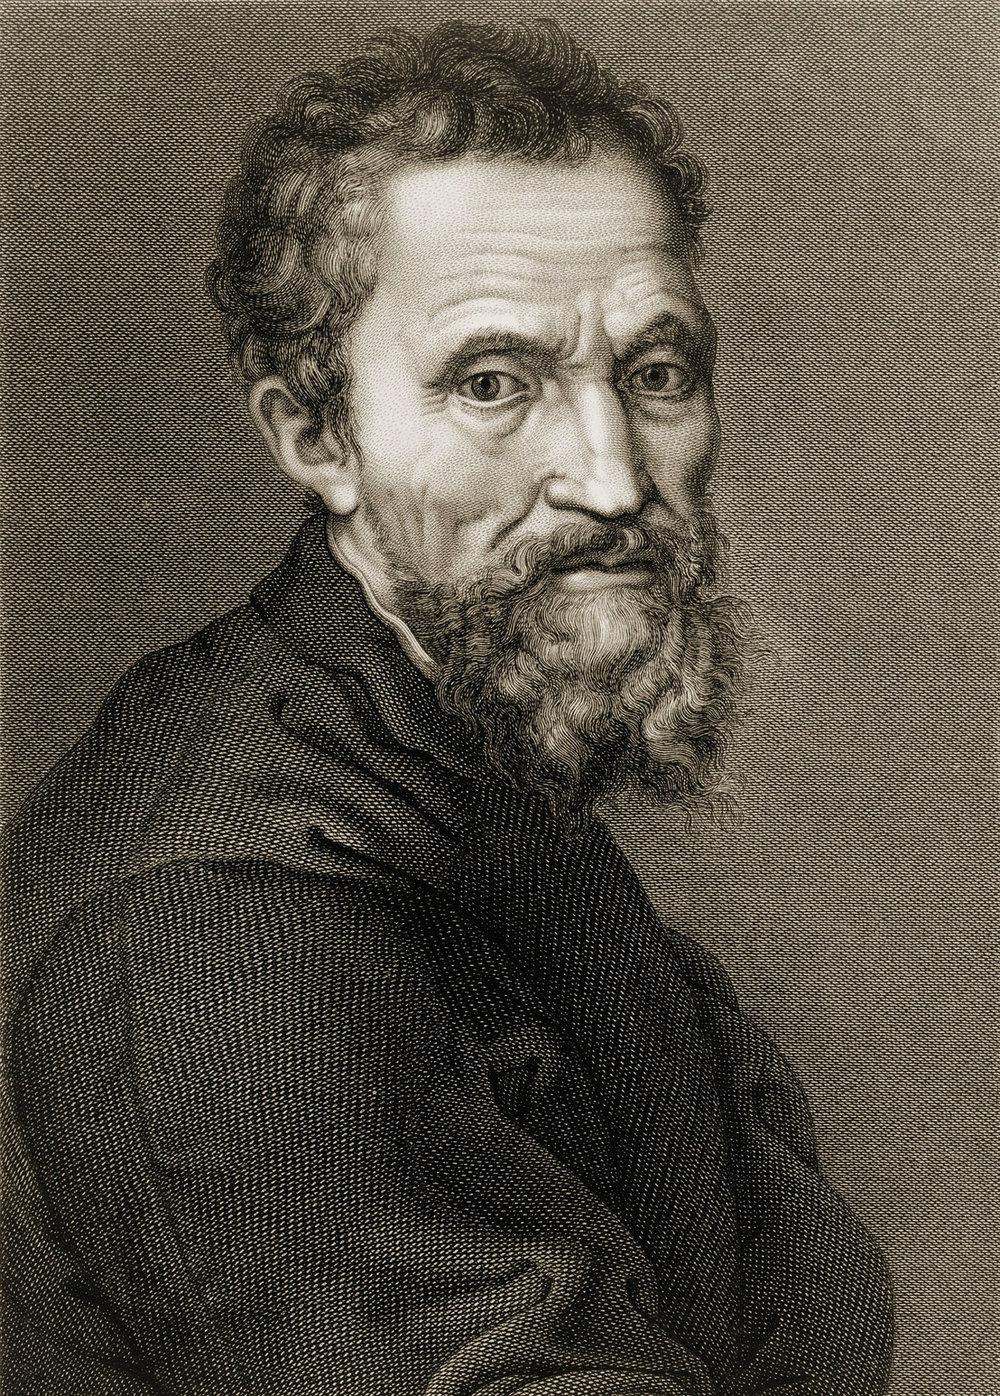 作為文藝復興時期的藝術巨匠,米開朗基羅因其雕塑作品「哀悼基督」,「大衛」和為西斯廷教堂繪製的天頂而聞名於世。Everett Historical / Shutterstock